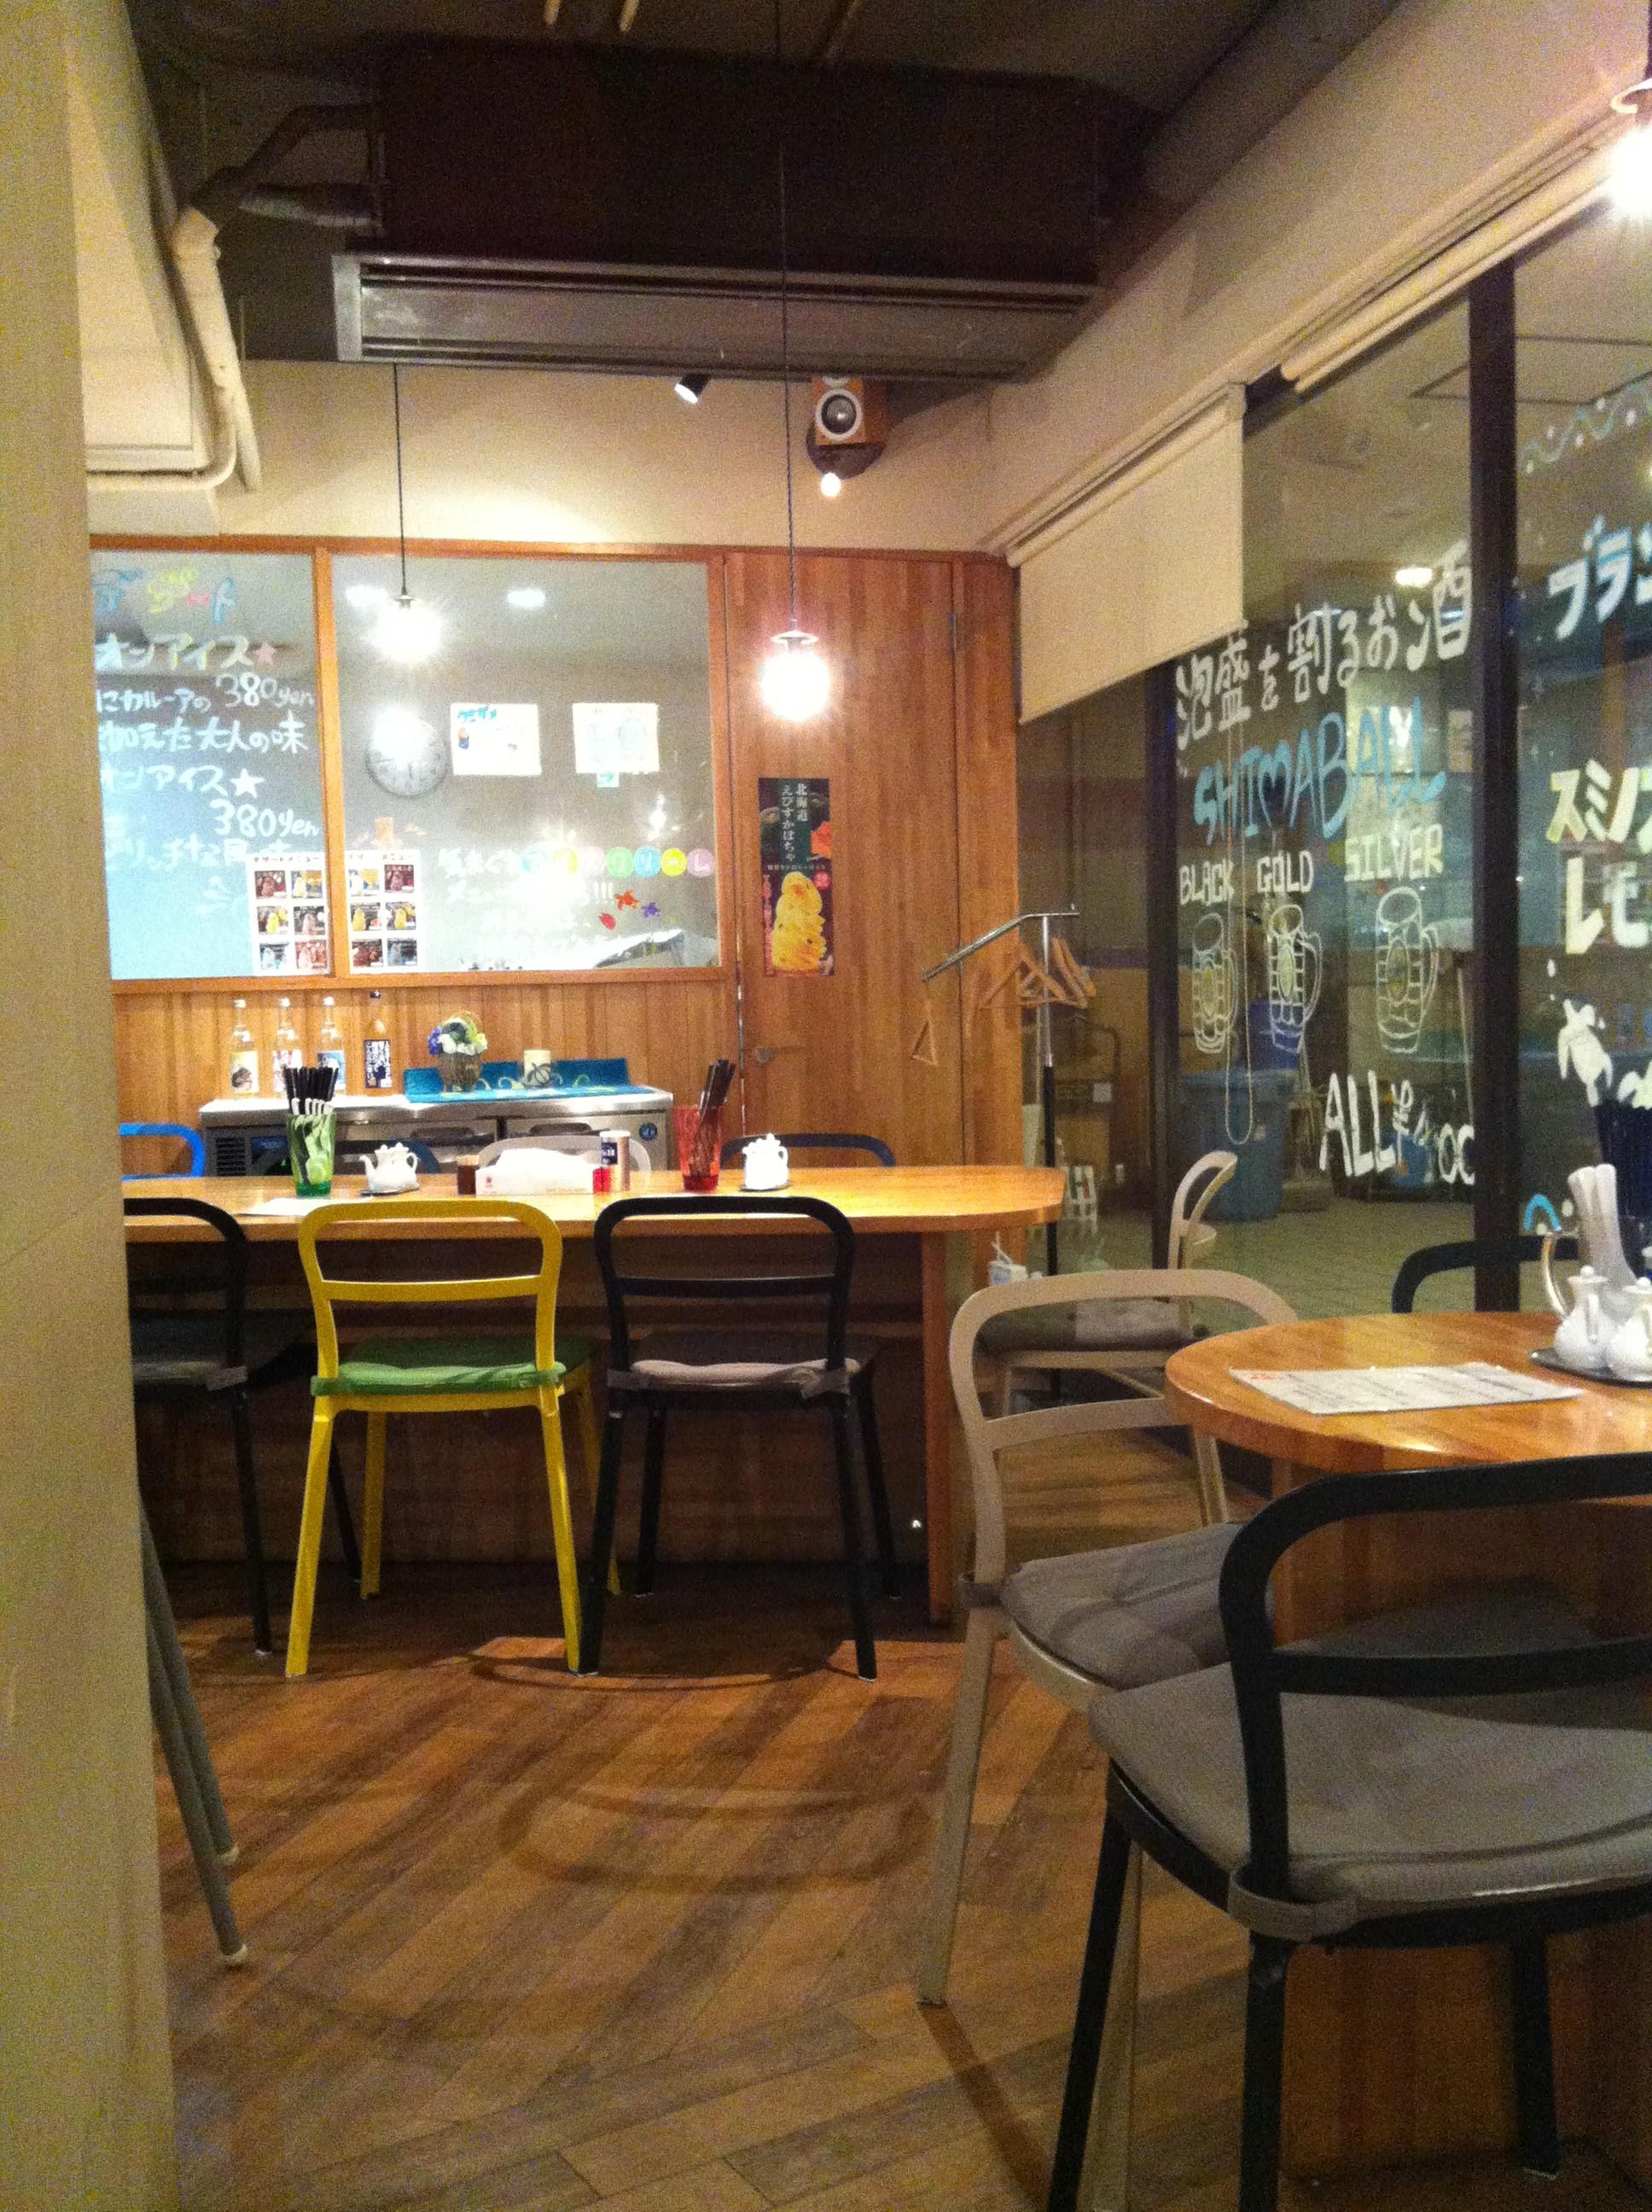 ウミガメ食堂の店内画像